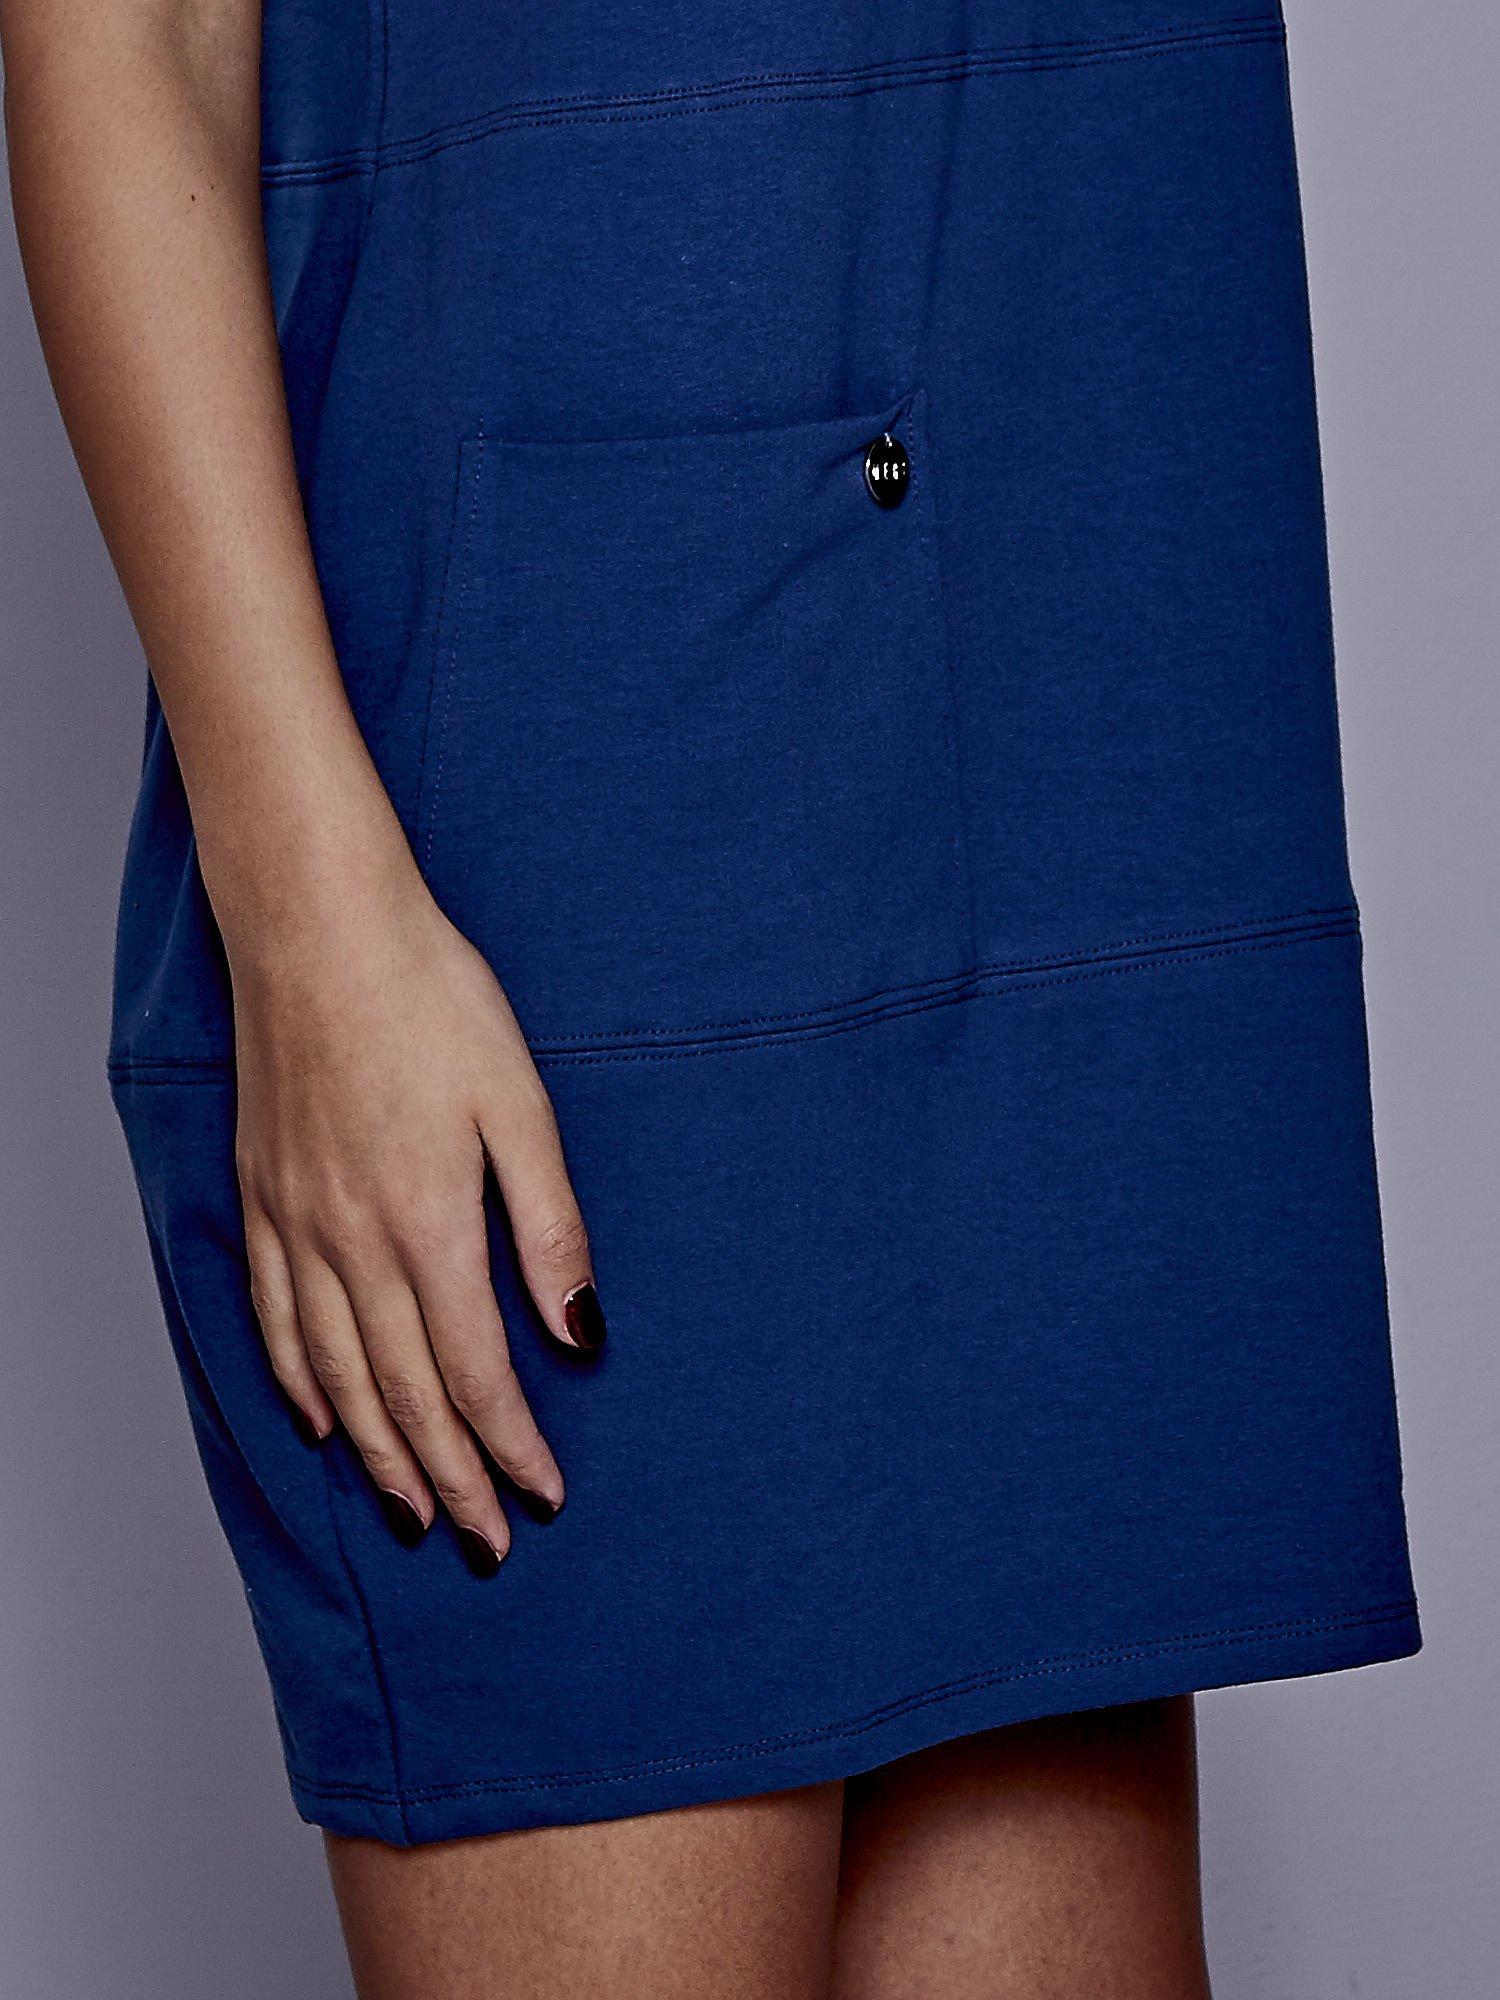 Ciemnoniebieska sukienka dresowa z kieszenią z boku                                  zdj.                                  4